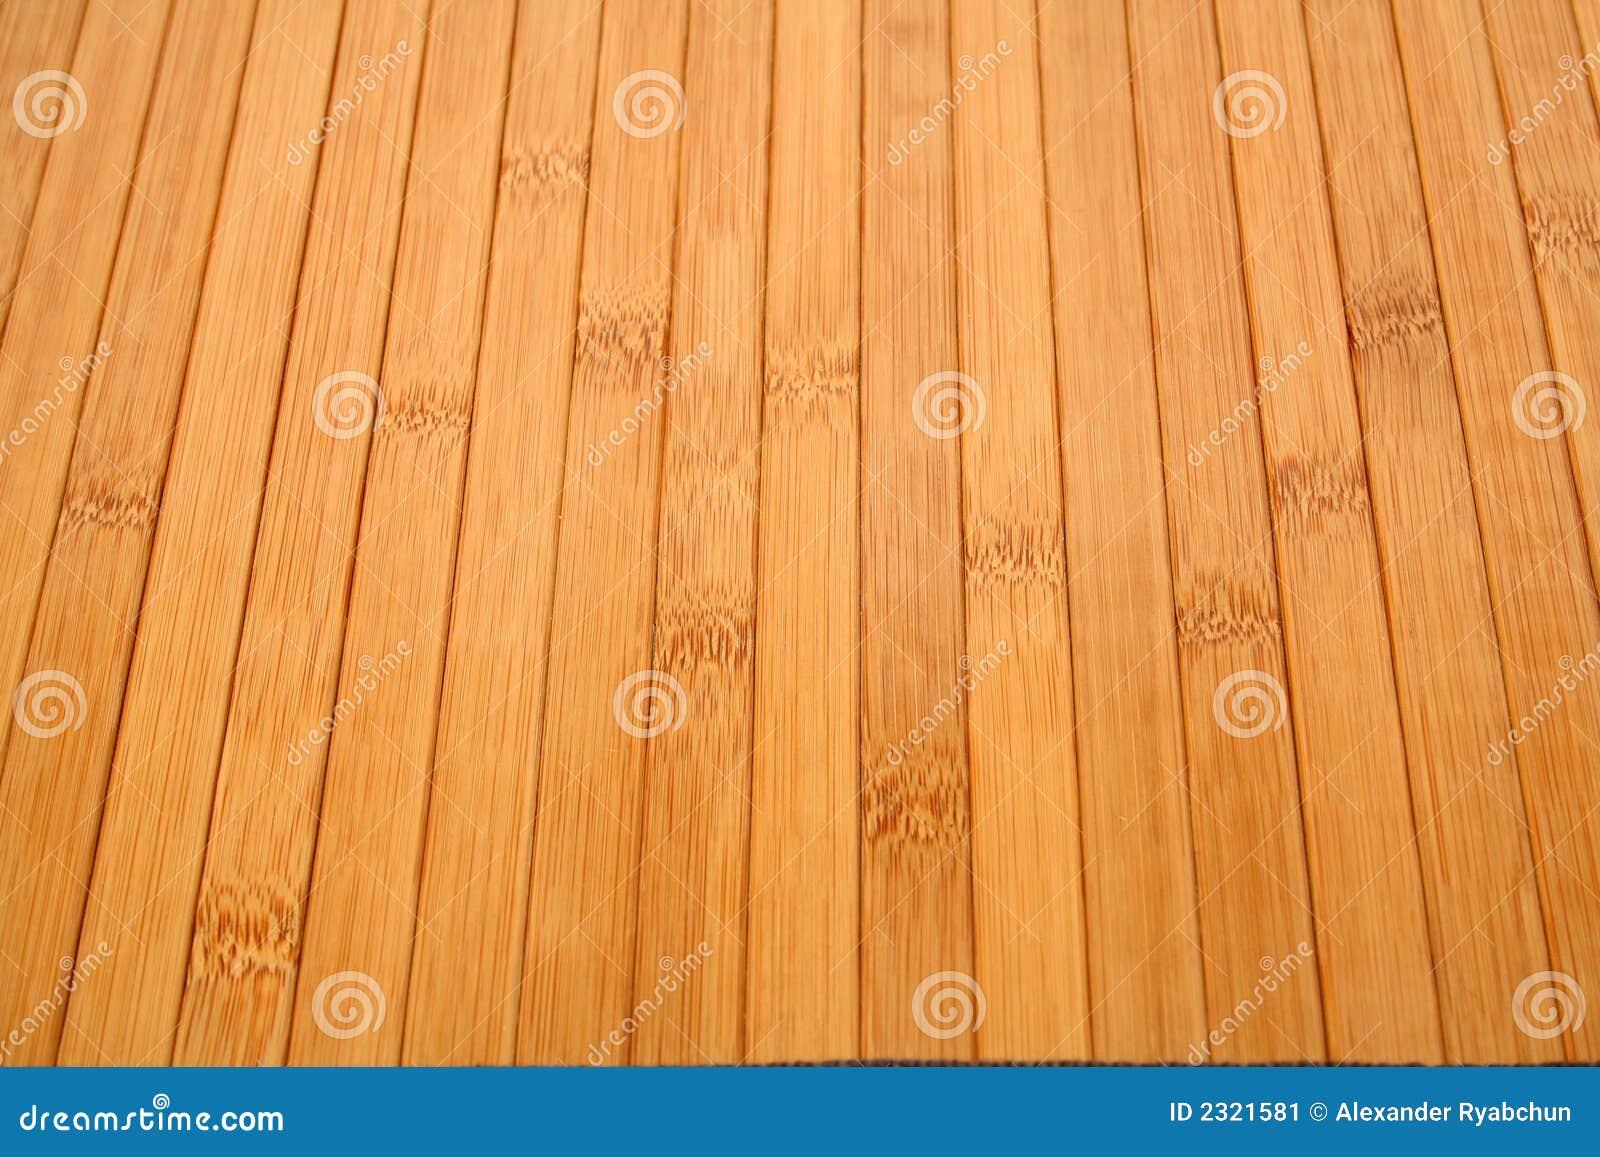 Czy drewno dywan